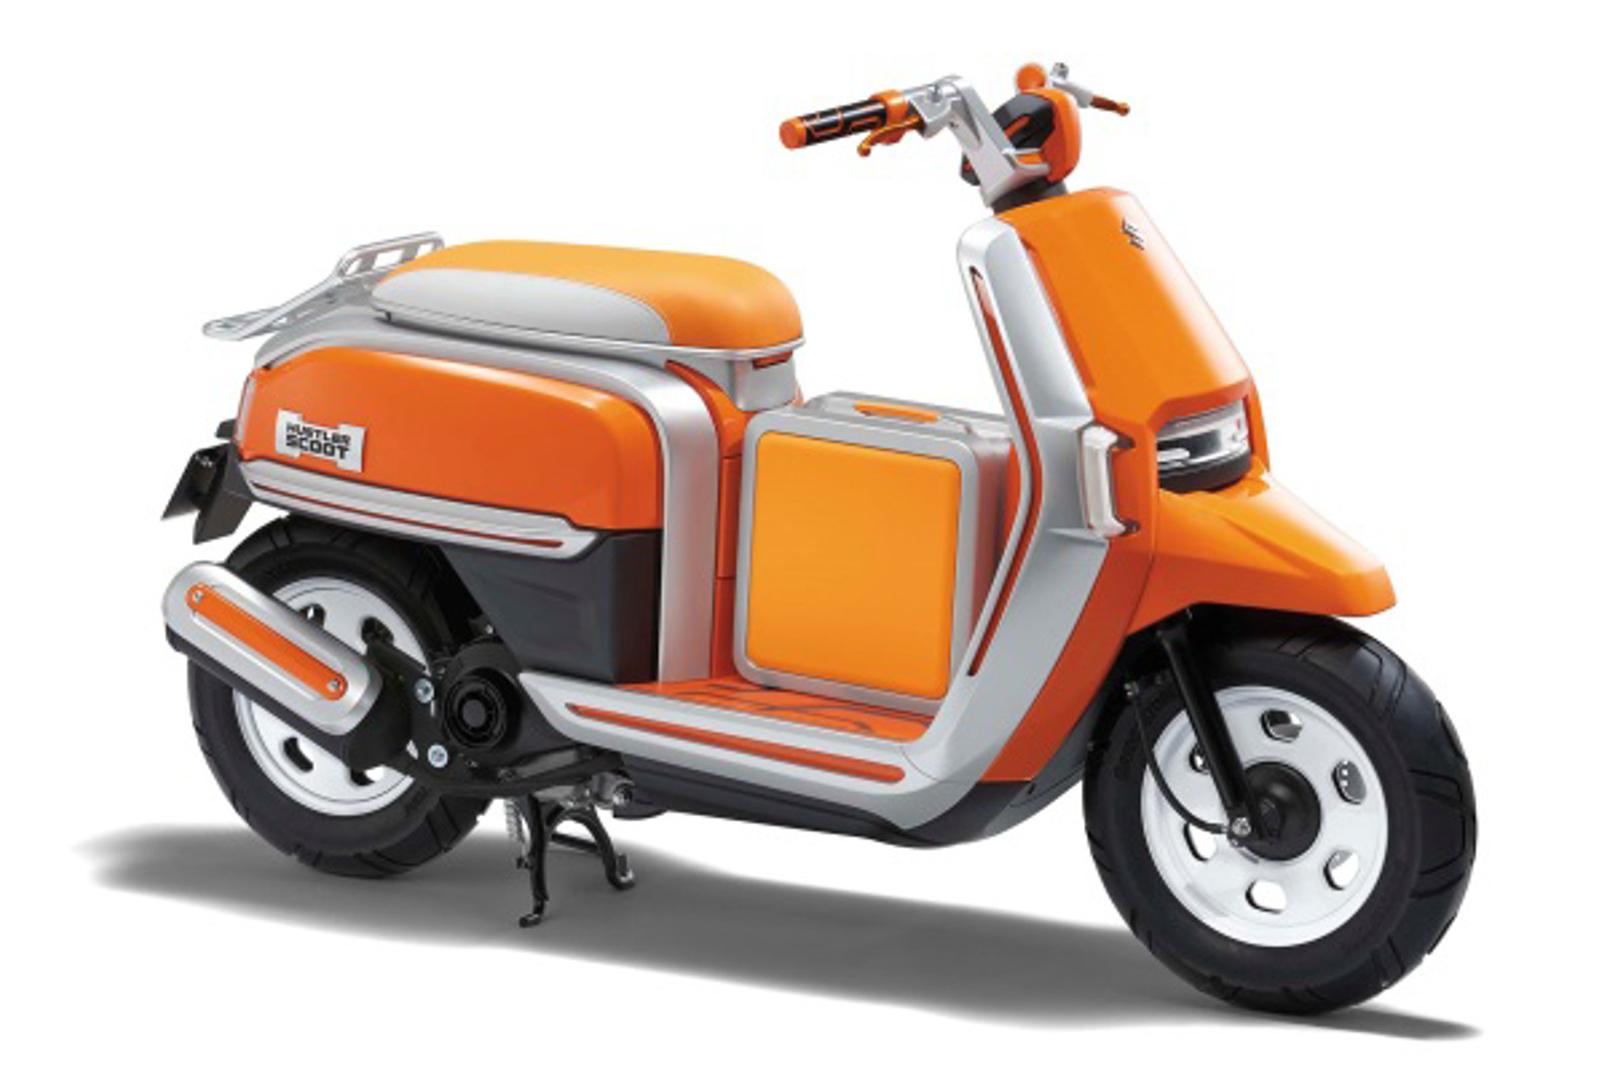 Suzuki's Concept GSX